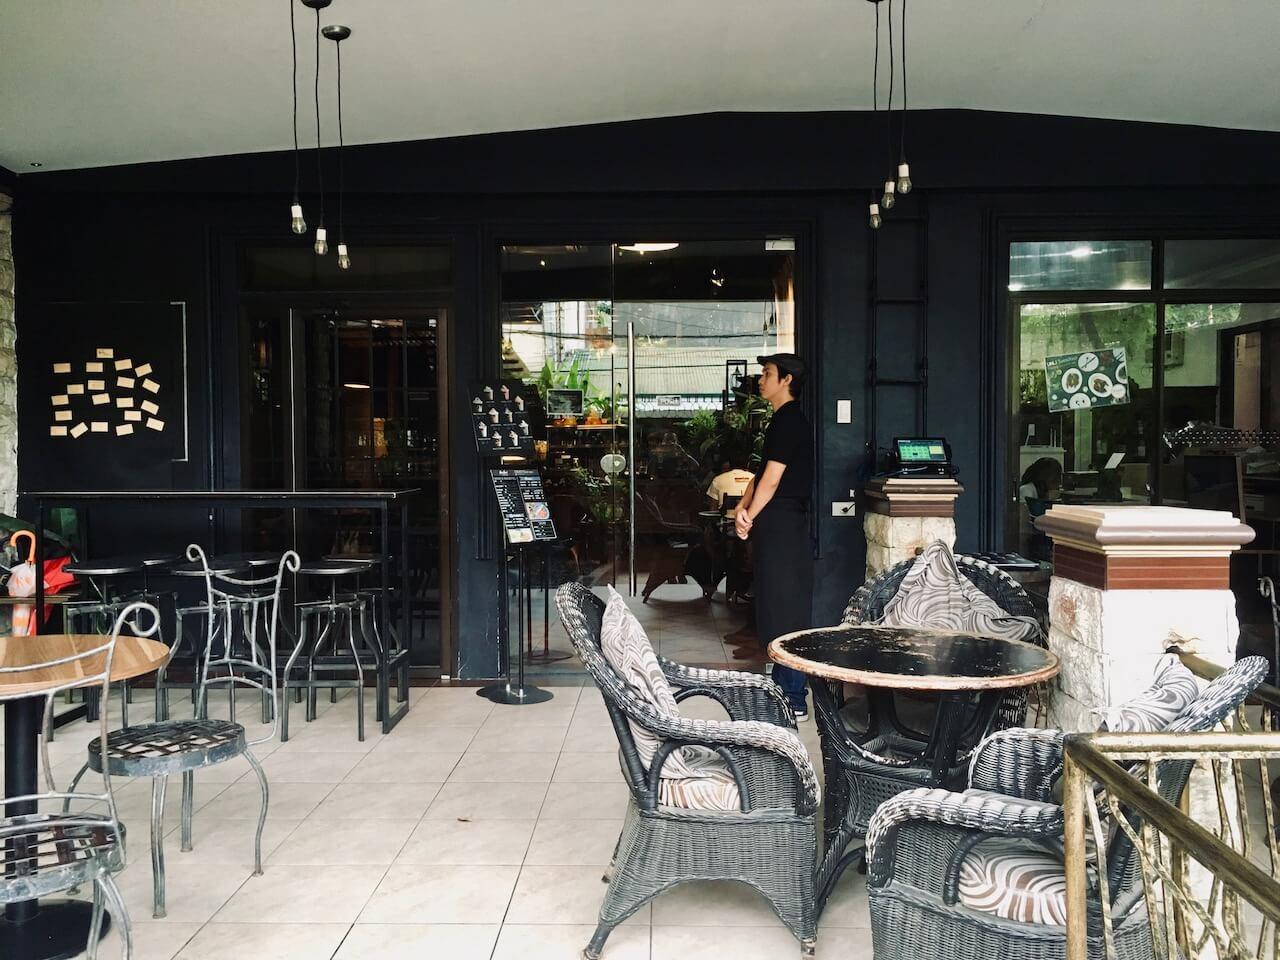 Balai by Cafe+の店外